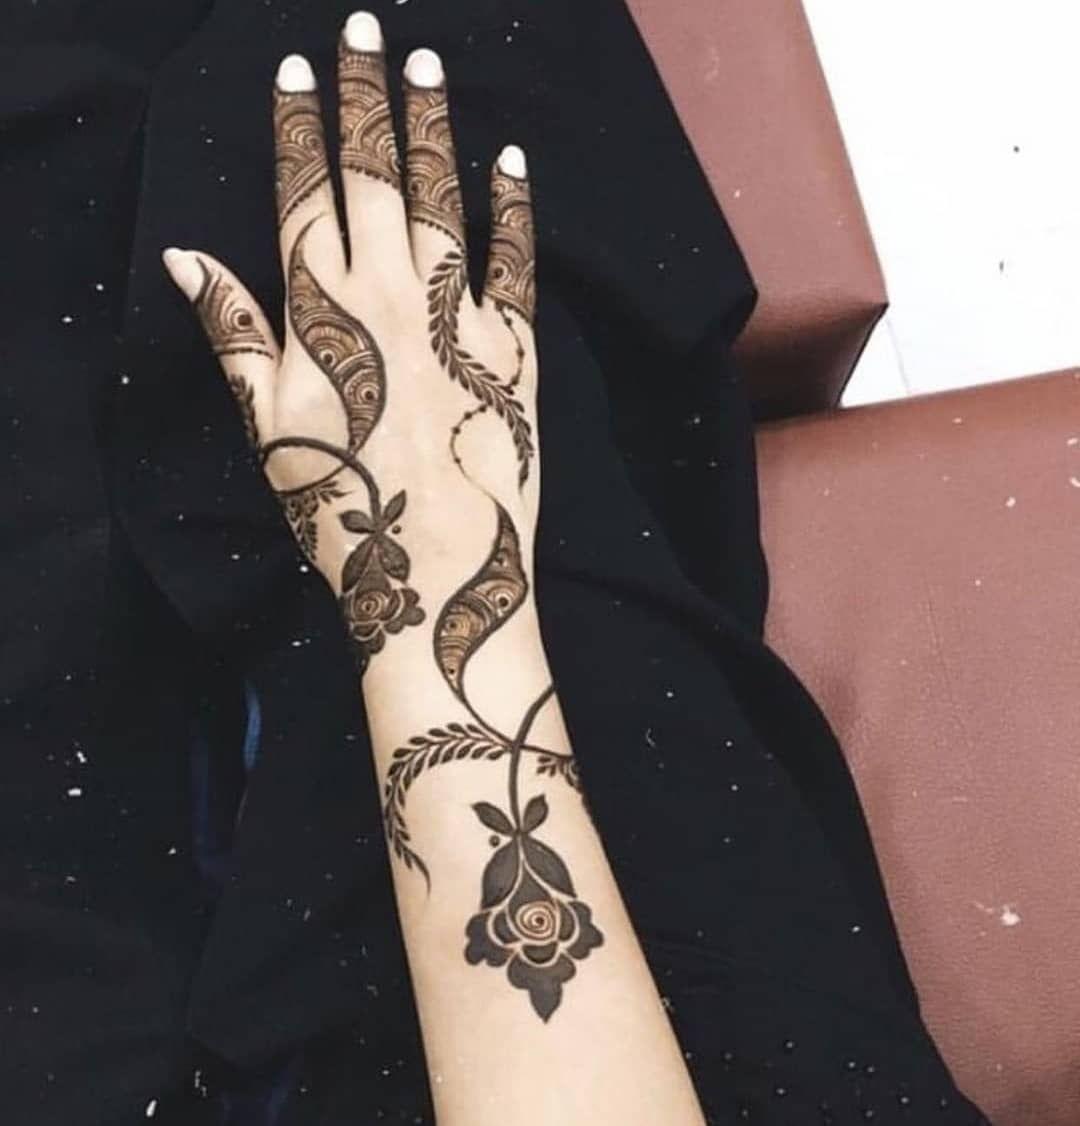 حنه حنا حناء حنة نقش نقش حنا نقش حناء الامارات الشارقة عجمان دبي كشخة نقوش نقشات نقشات حناء حن Floral Henna Designs Beautiful Henna Designs Henna Designs Hand